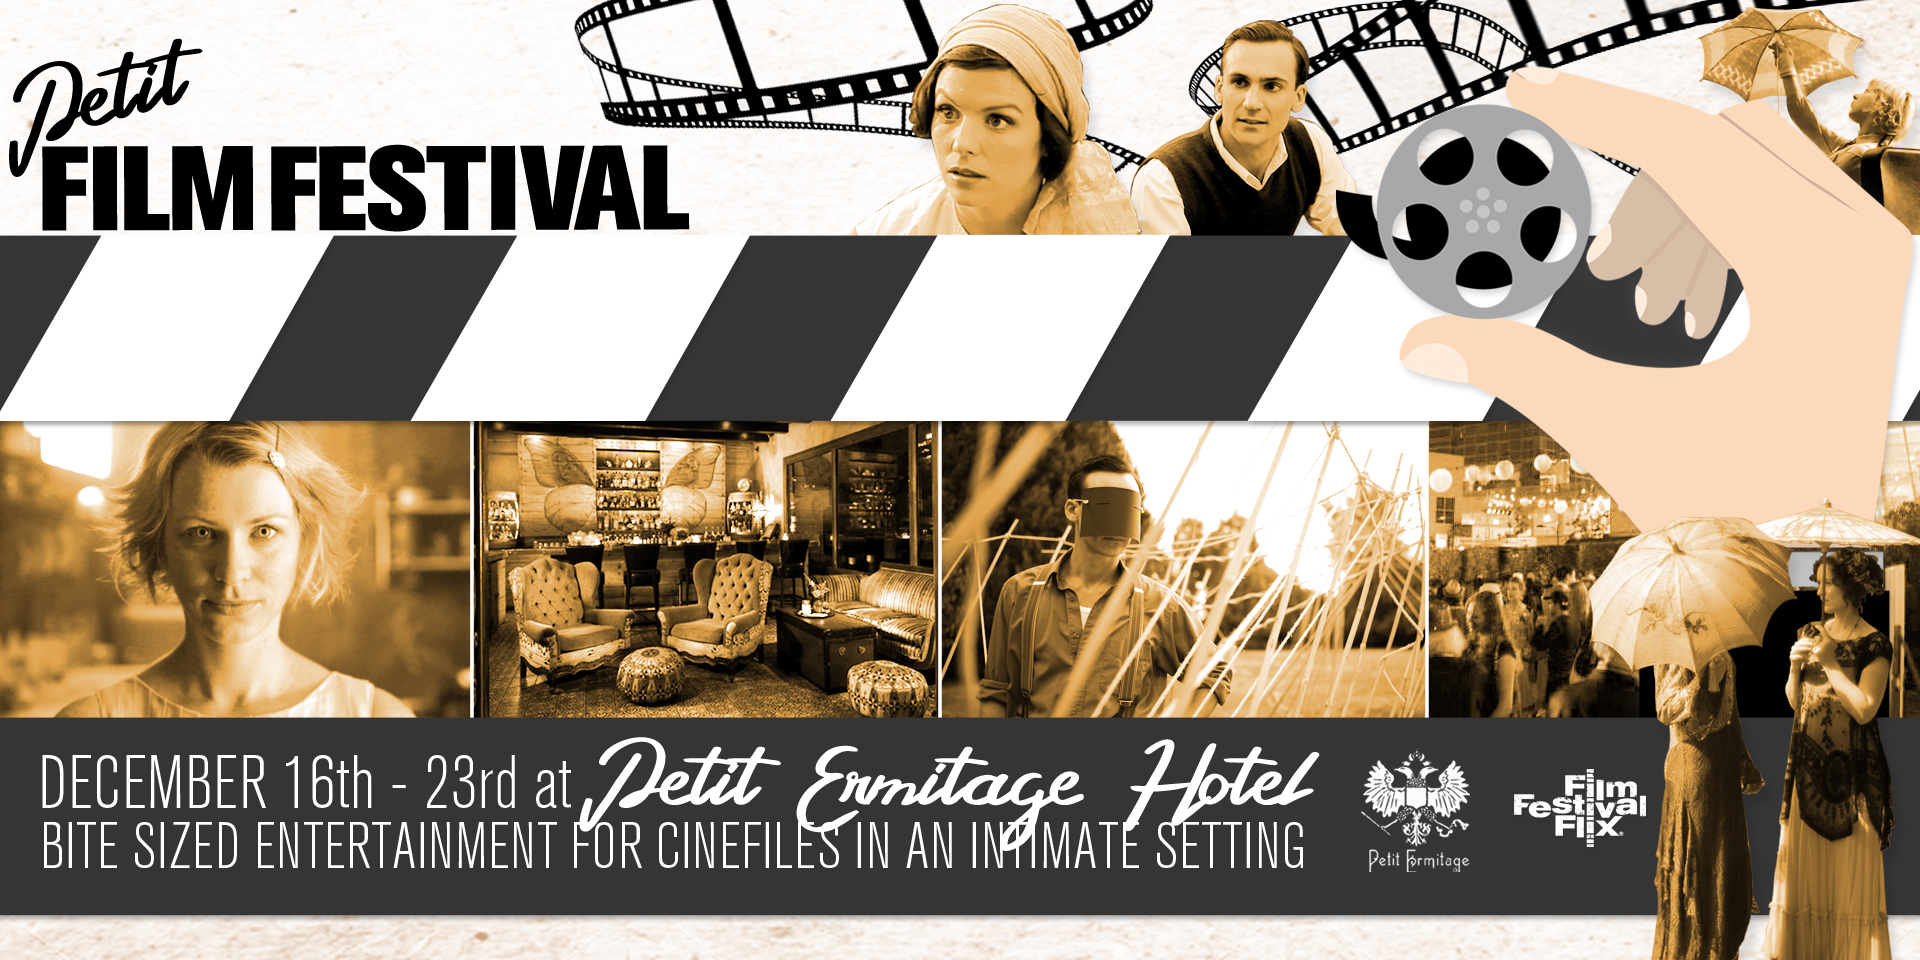 Petit Film Festival at the Petit Ermitage Hotel